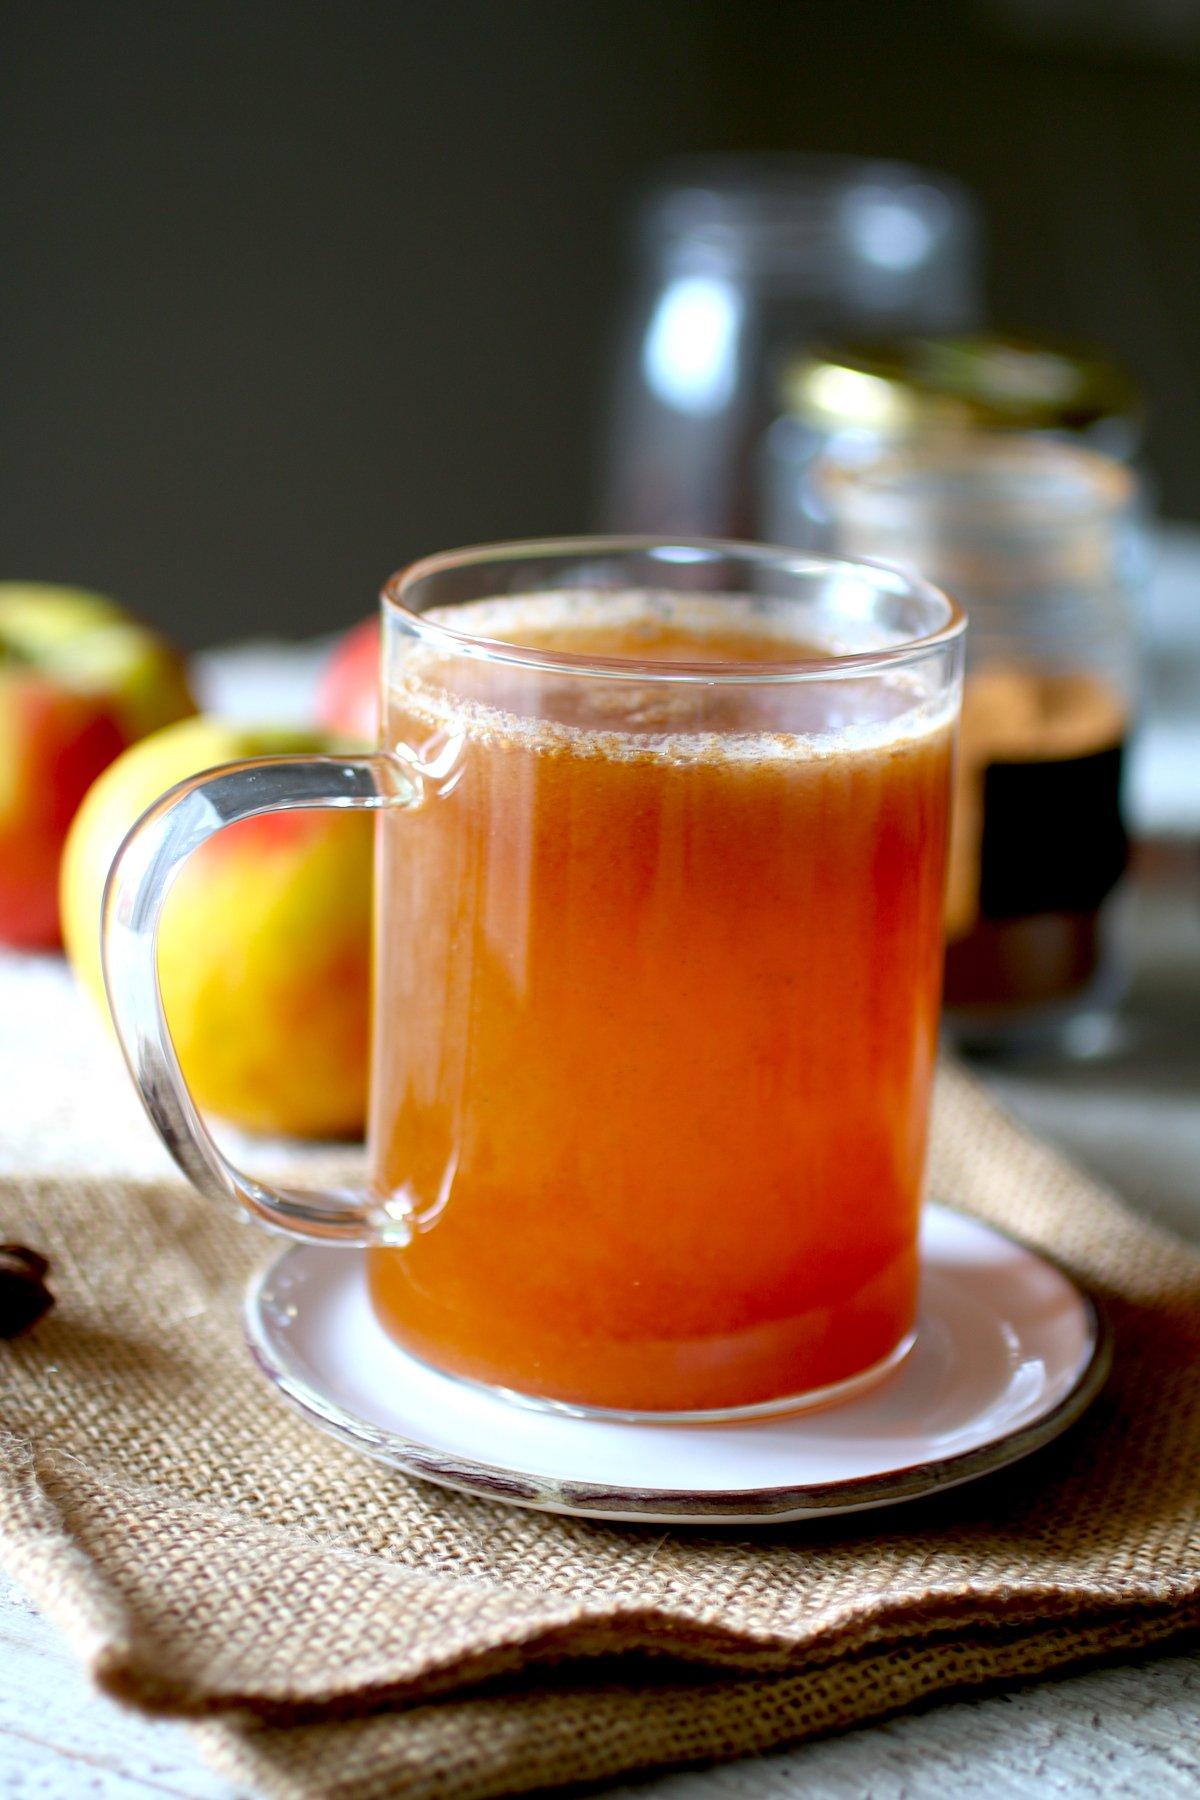 Tazza trasparente con il succo di mele e cannella